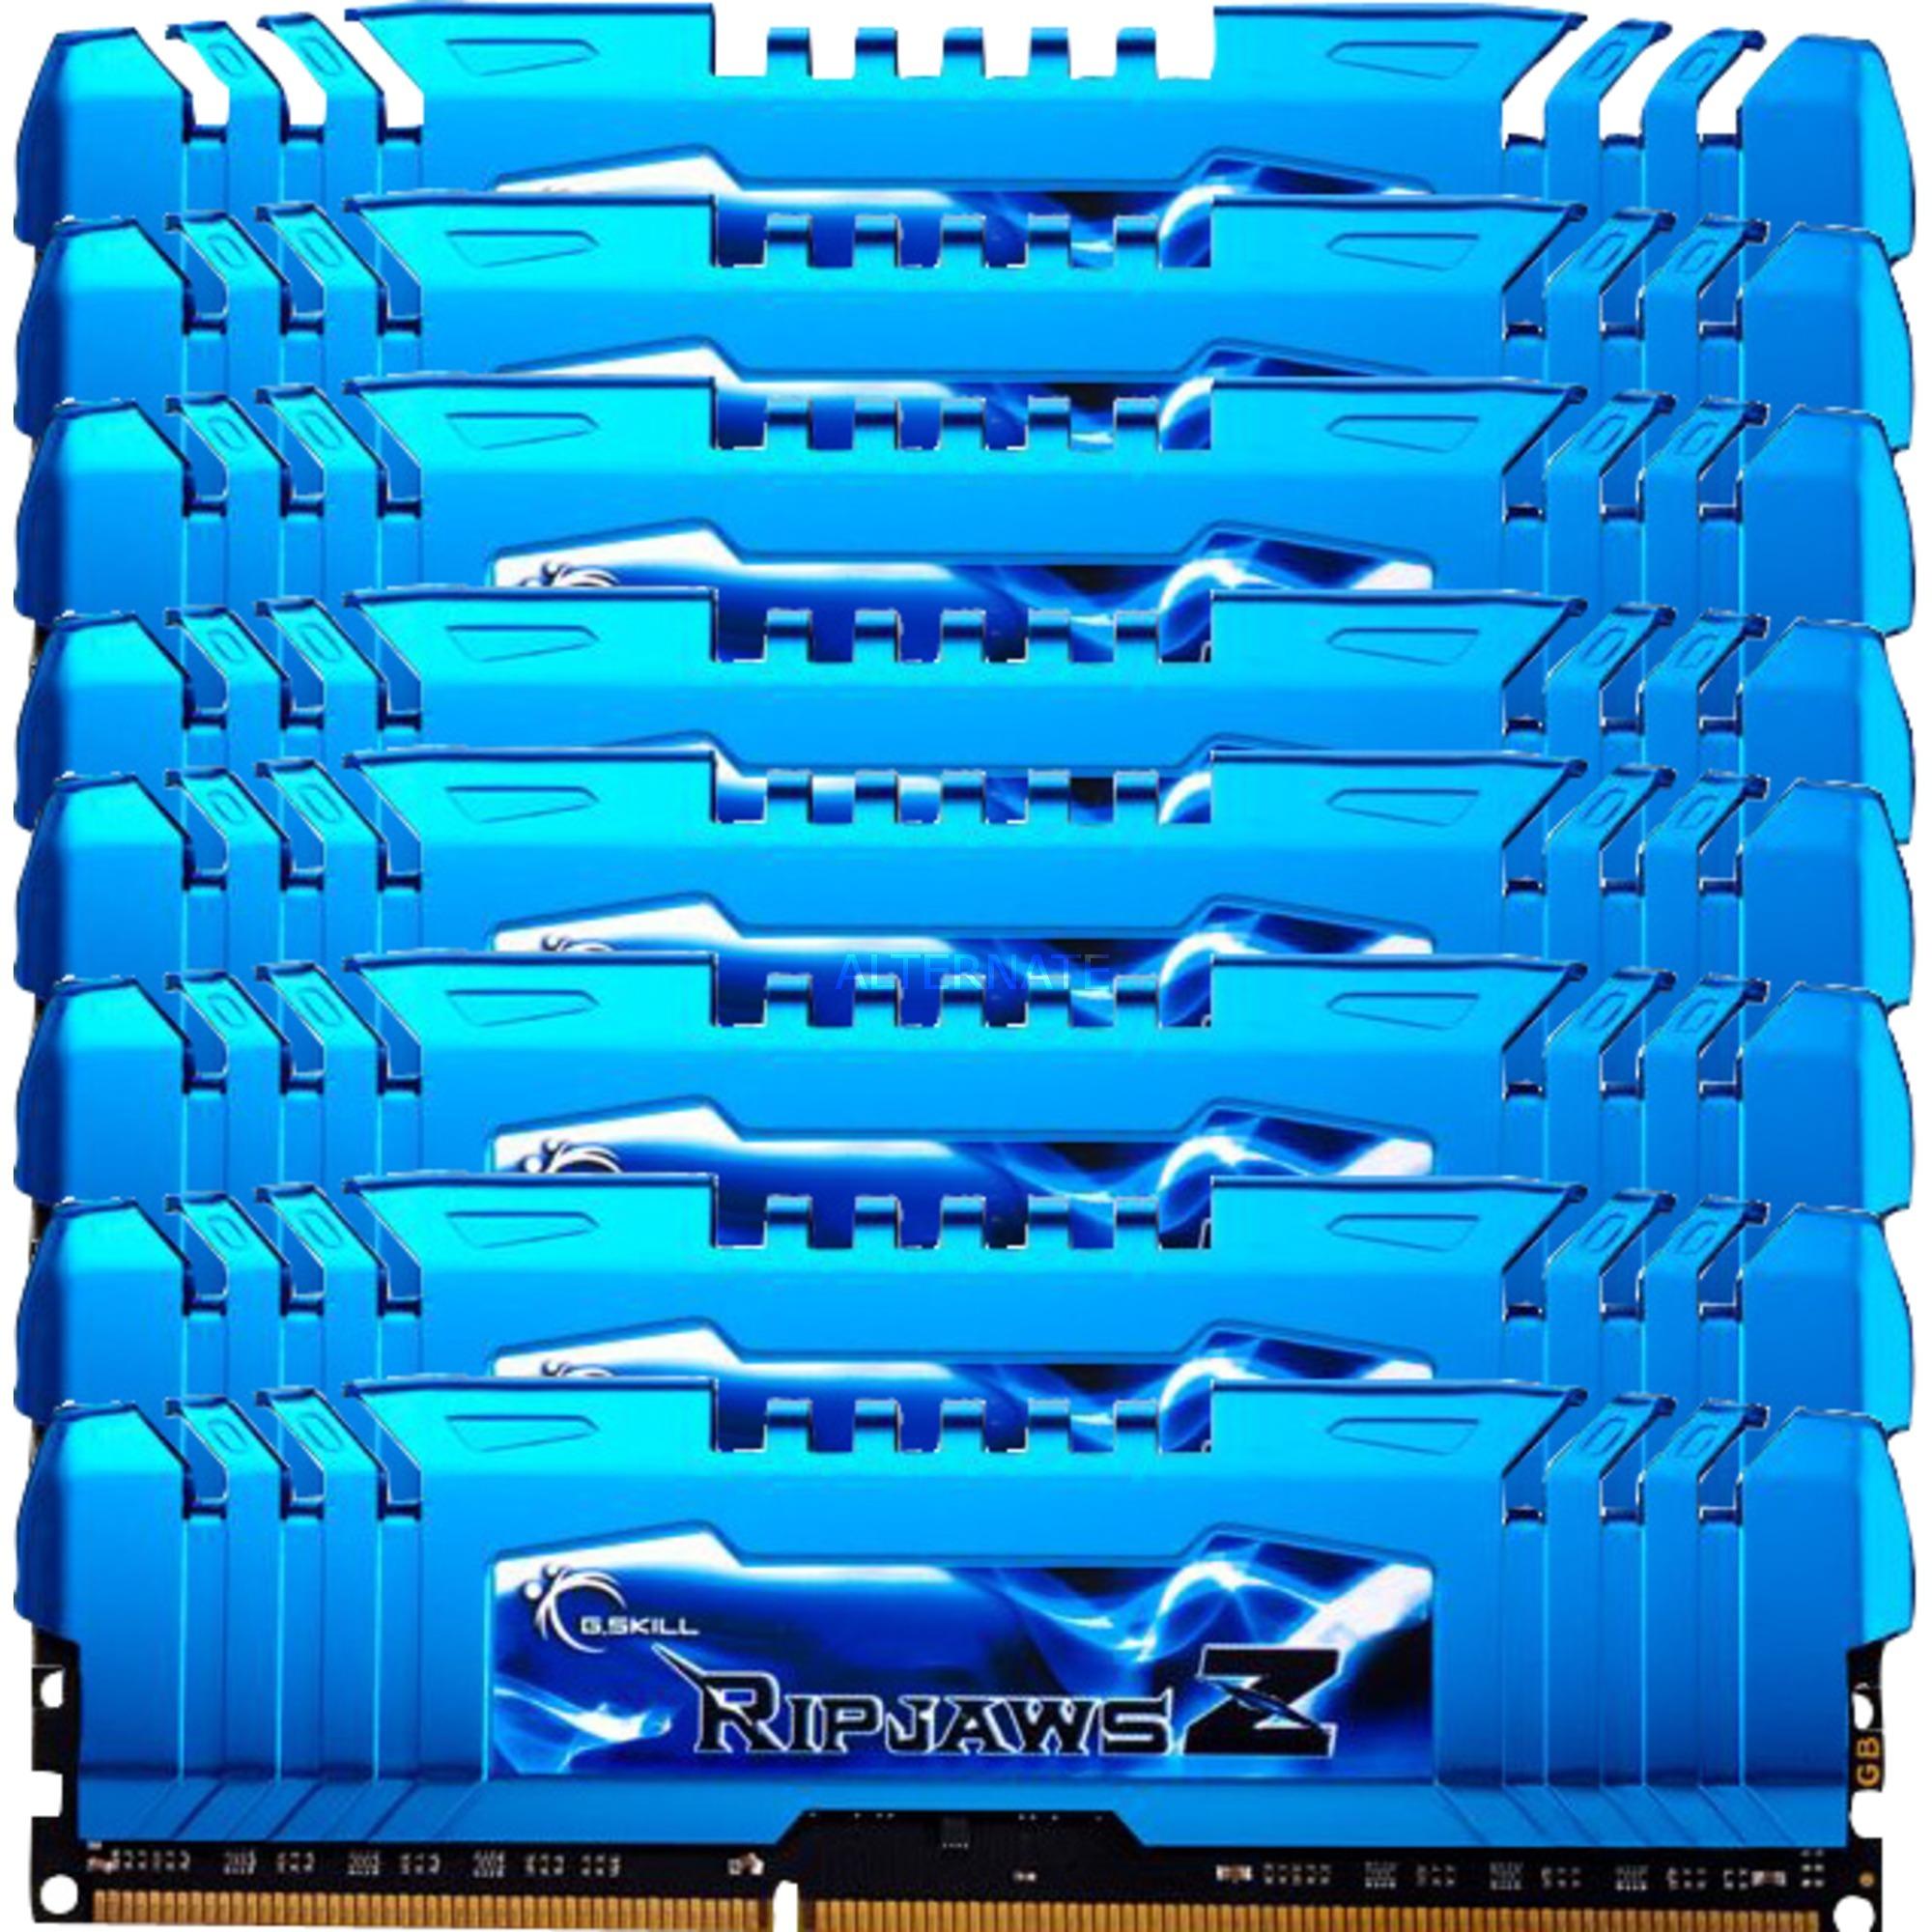 64GB DDR3-2133 64Go DDR3 2133MHz module de mémoire